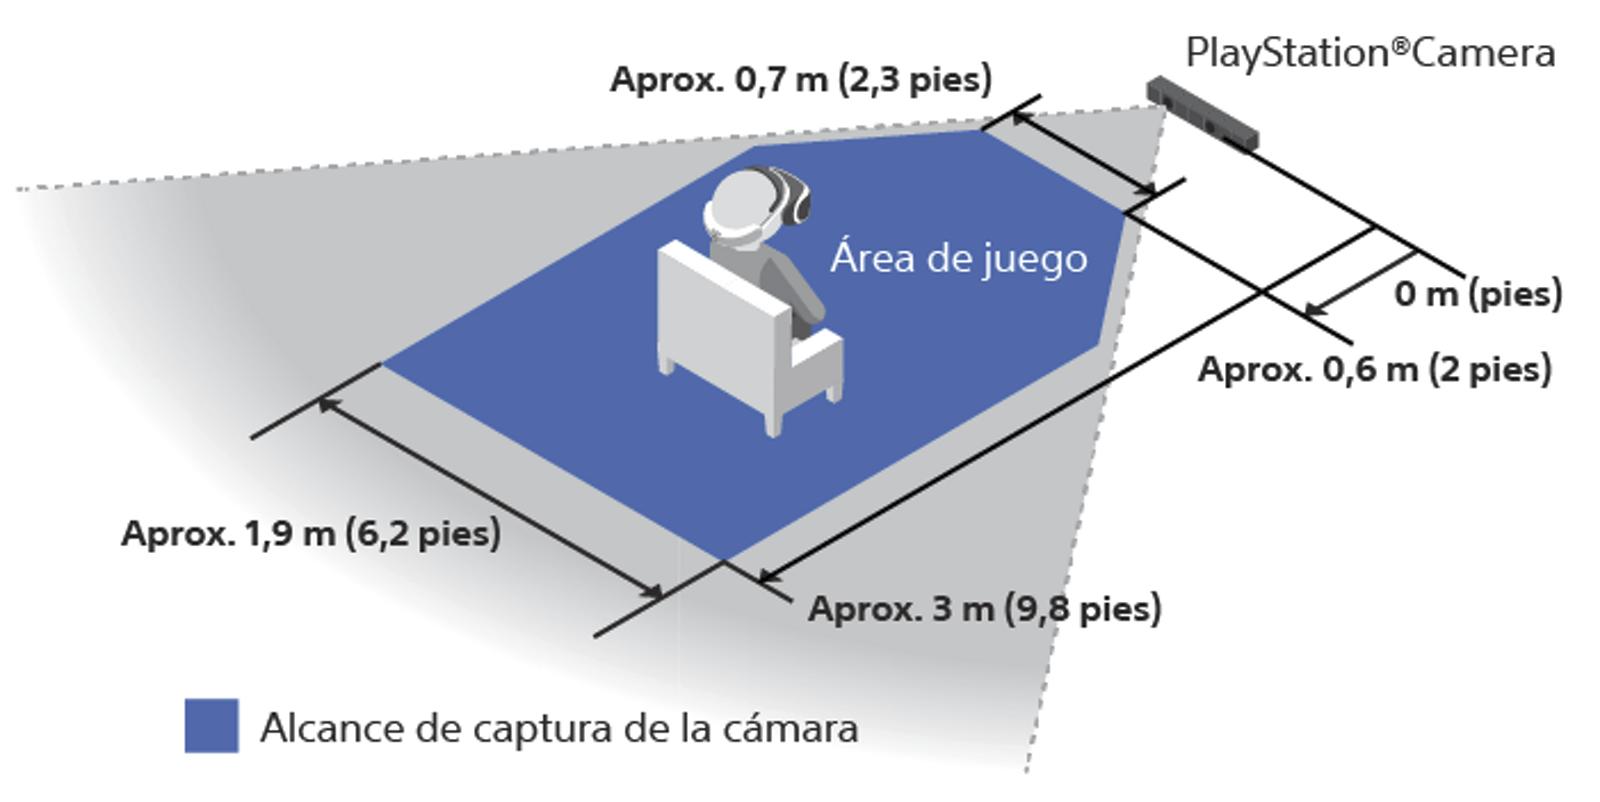 Área de juego de PS VR